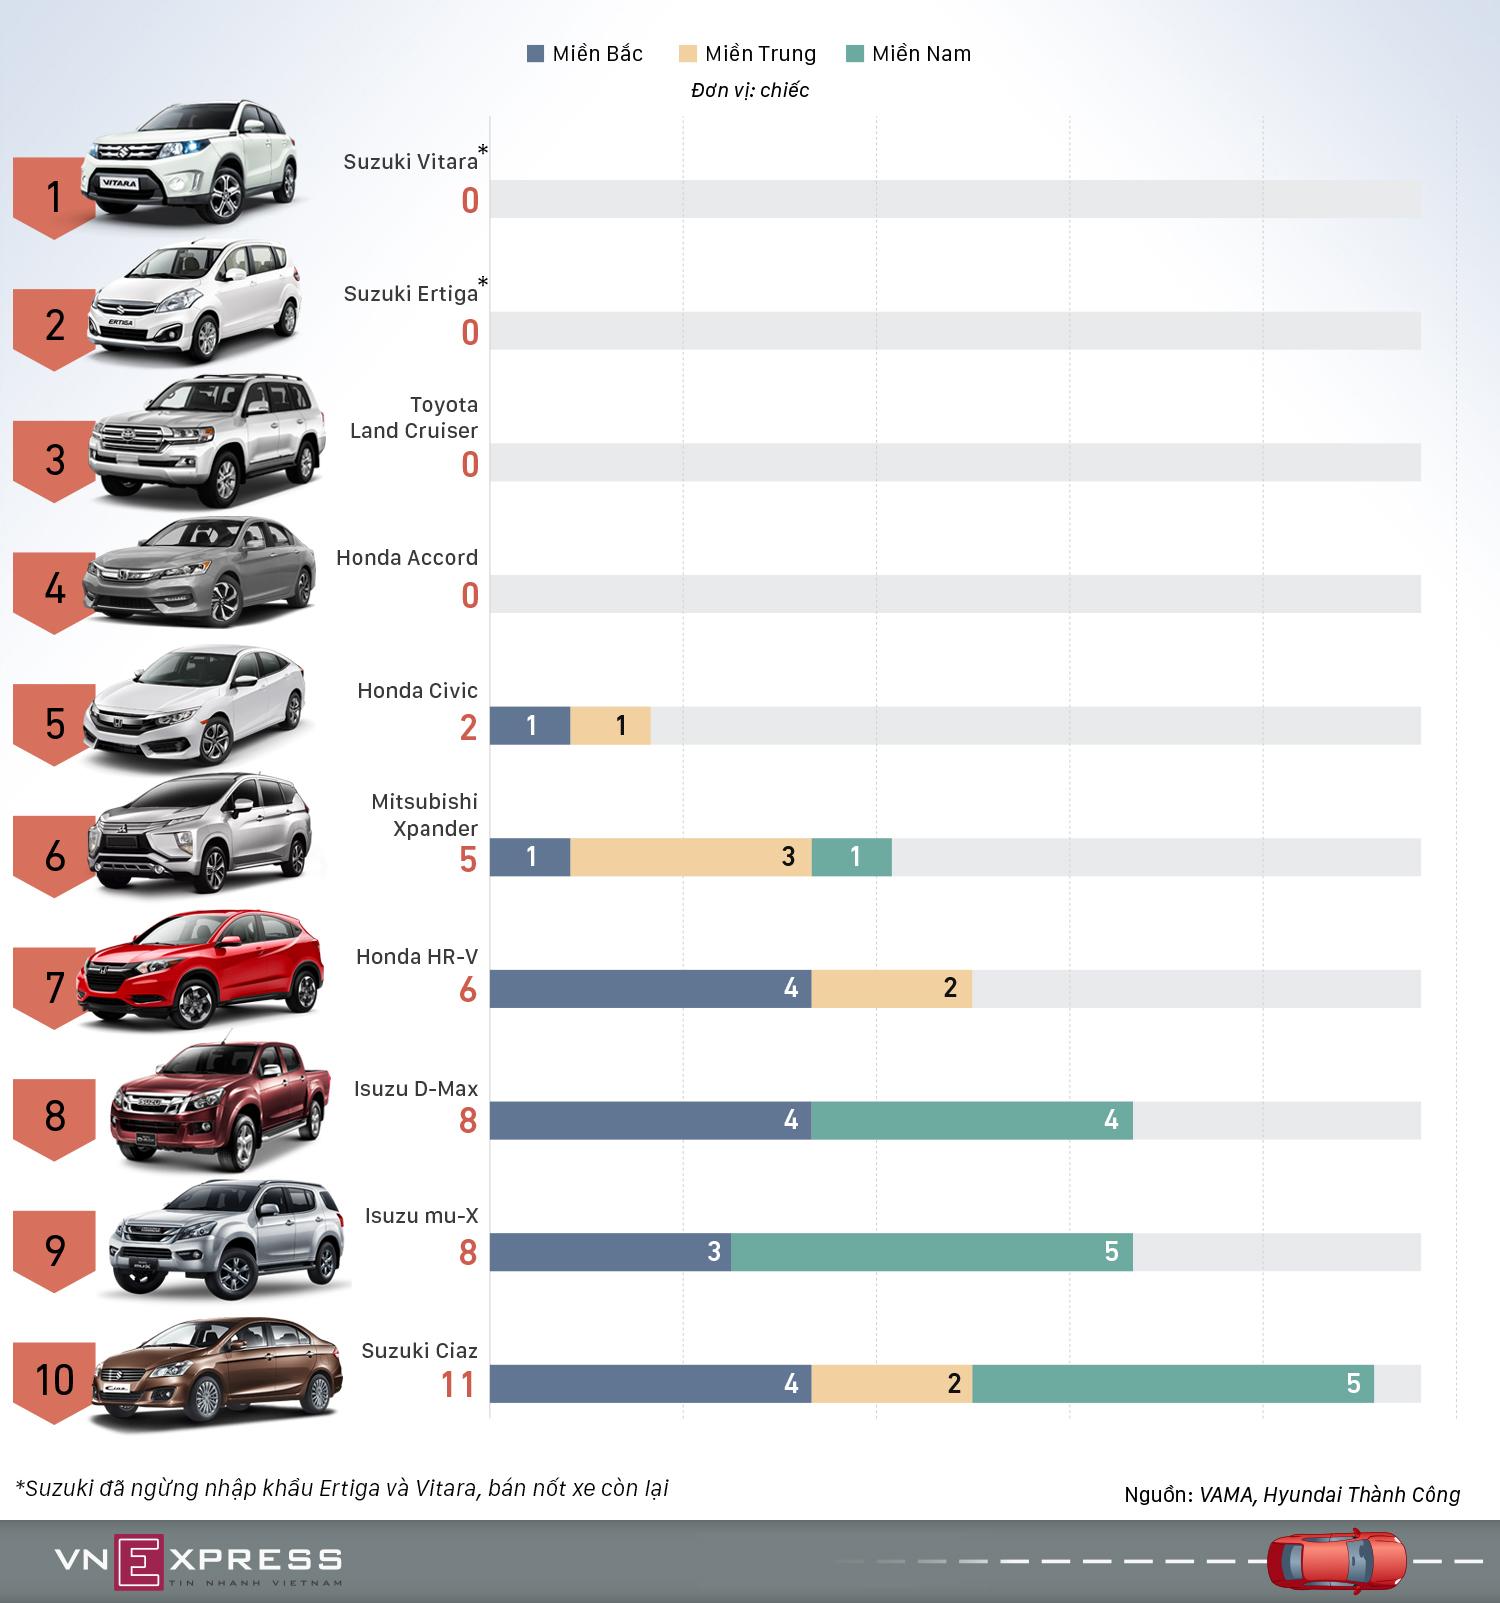 Những mẫu ôtô bán ít nhất trong tháng 2 tại Việt Nam